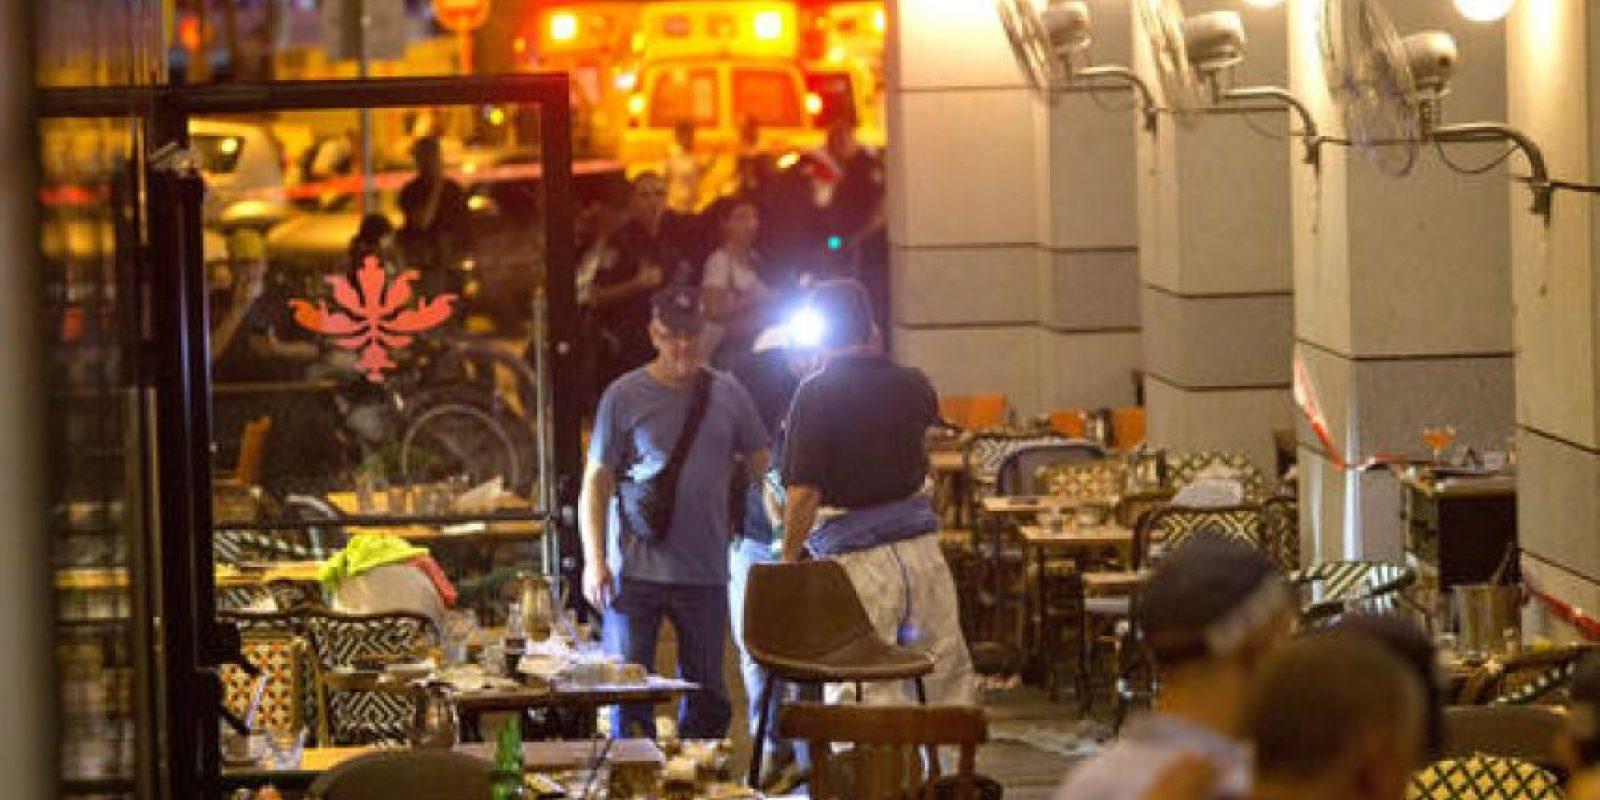 La policía israelí inspecciona la escena del atentado en una cafetería de Tel Aviv, Israel, la noche del 8 de junio de 2016. Foto:AP/ Archivo